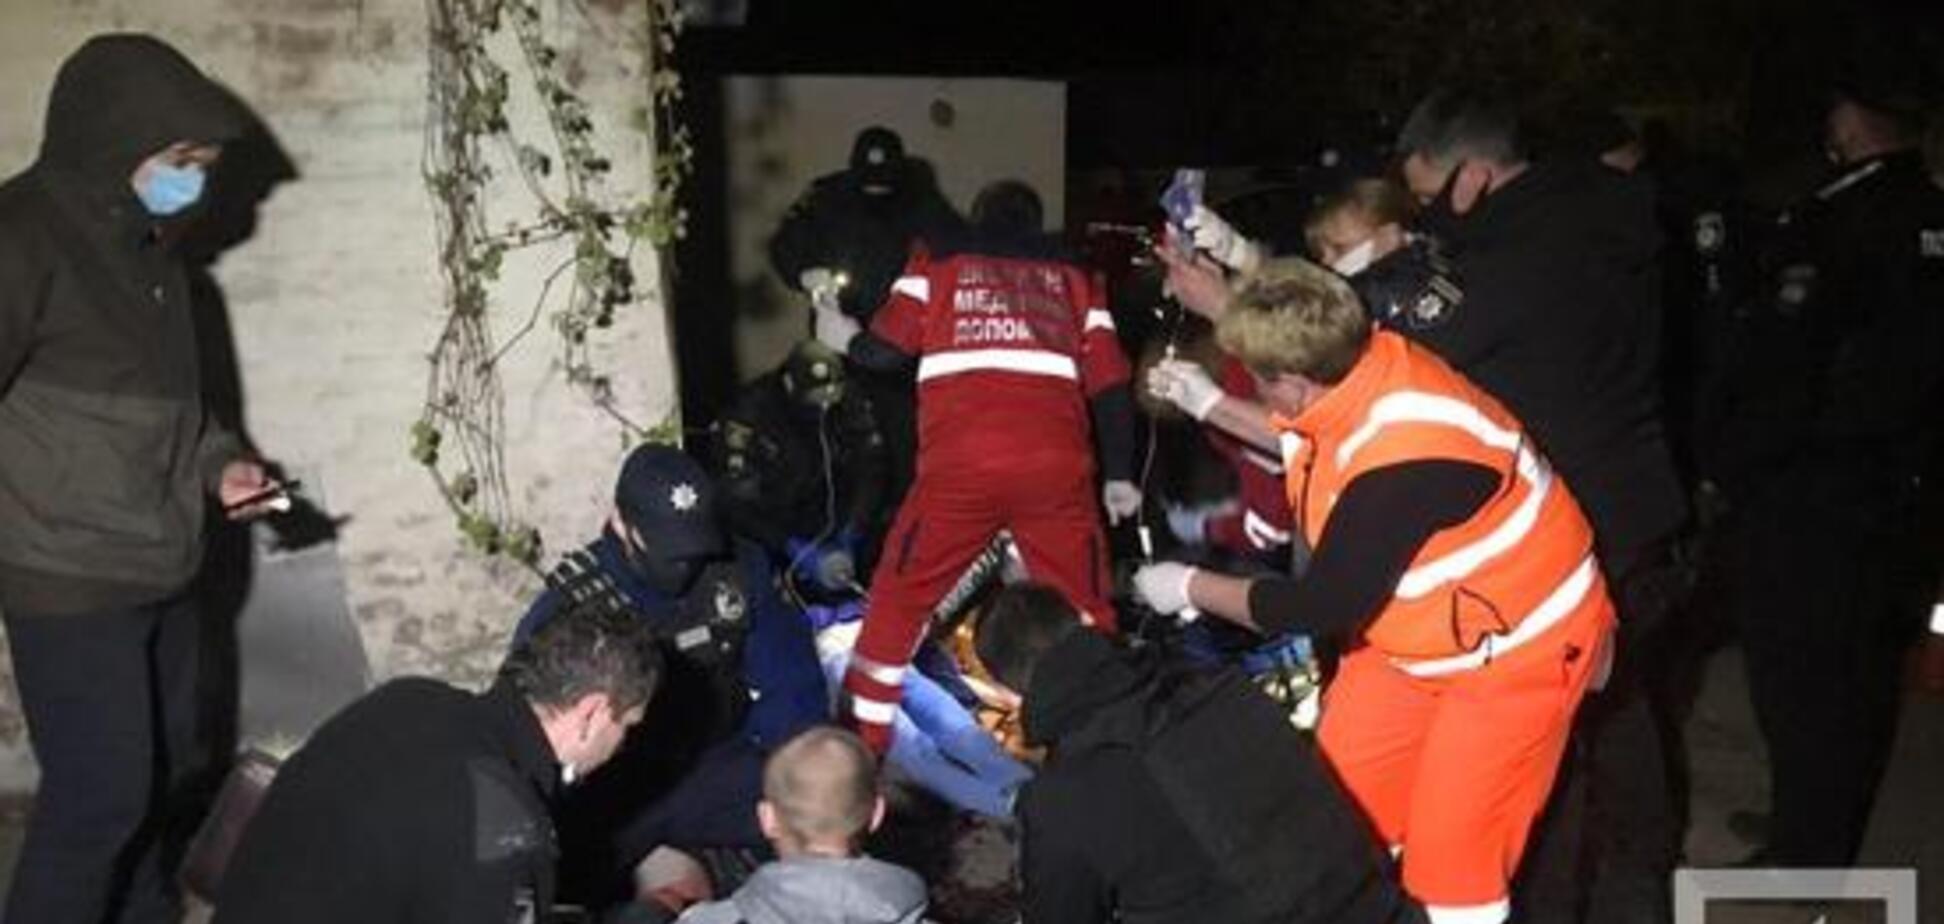 У Кривому Розі на вулиці ревнивець розстріляв молоду пару: дівчина загинула